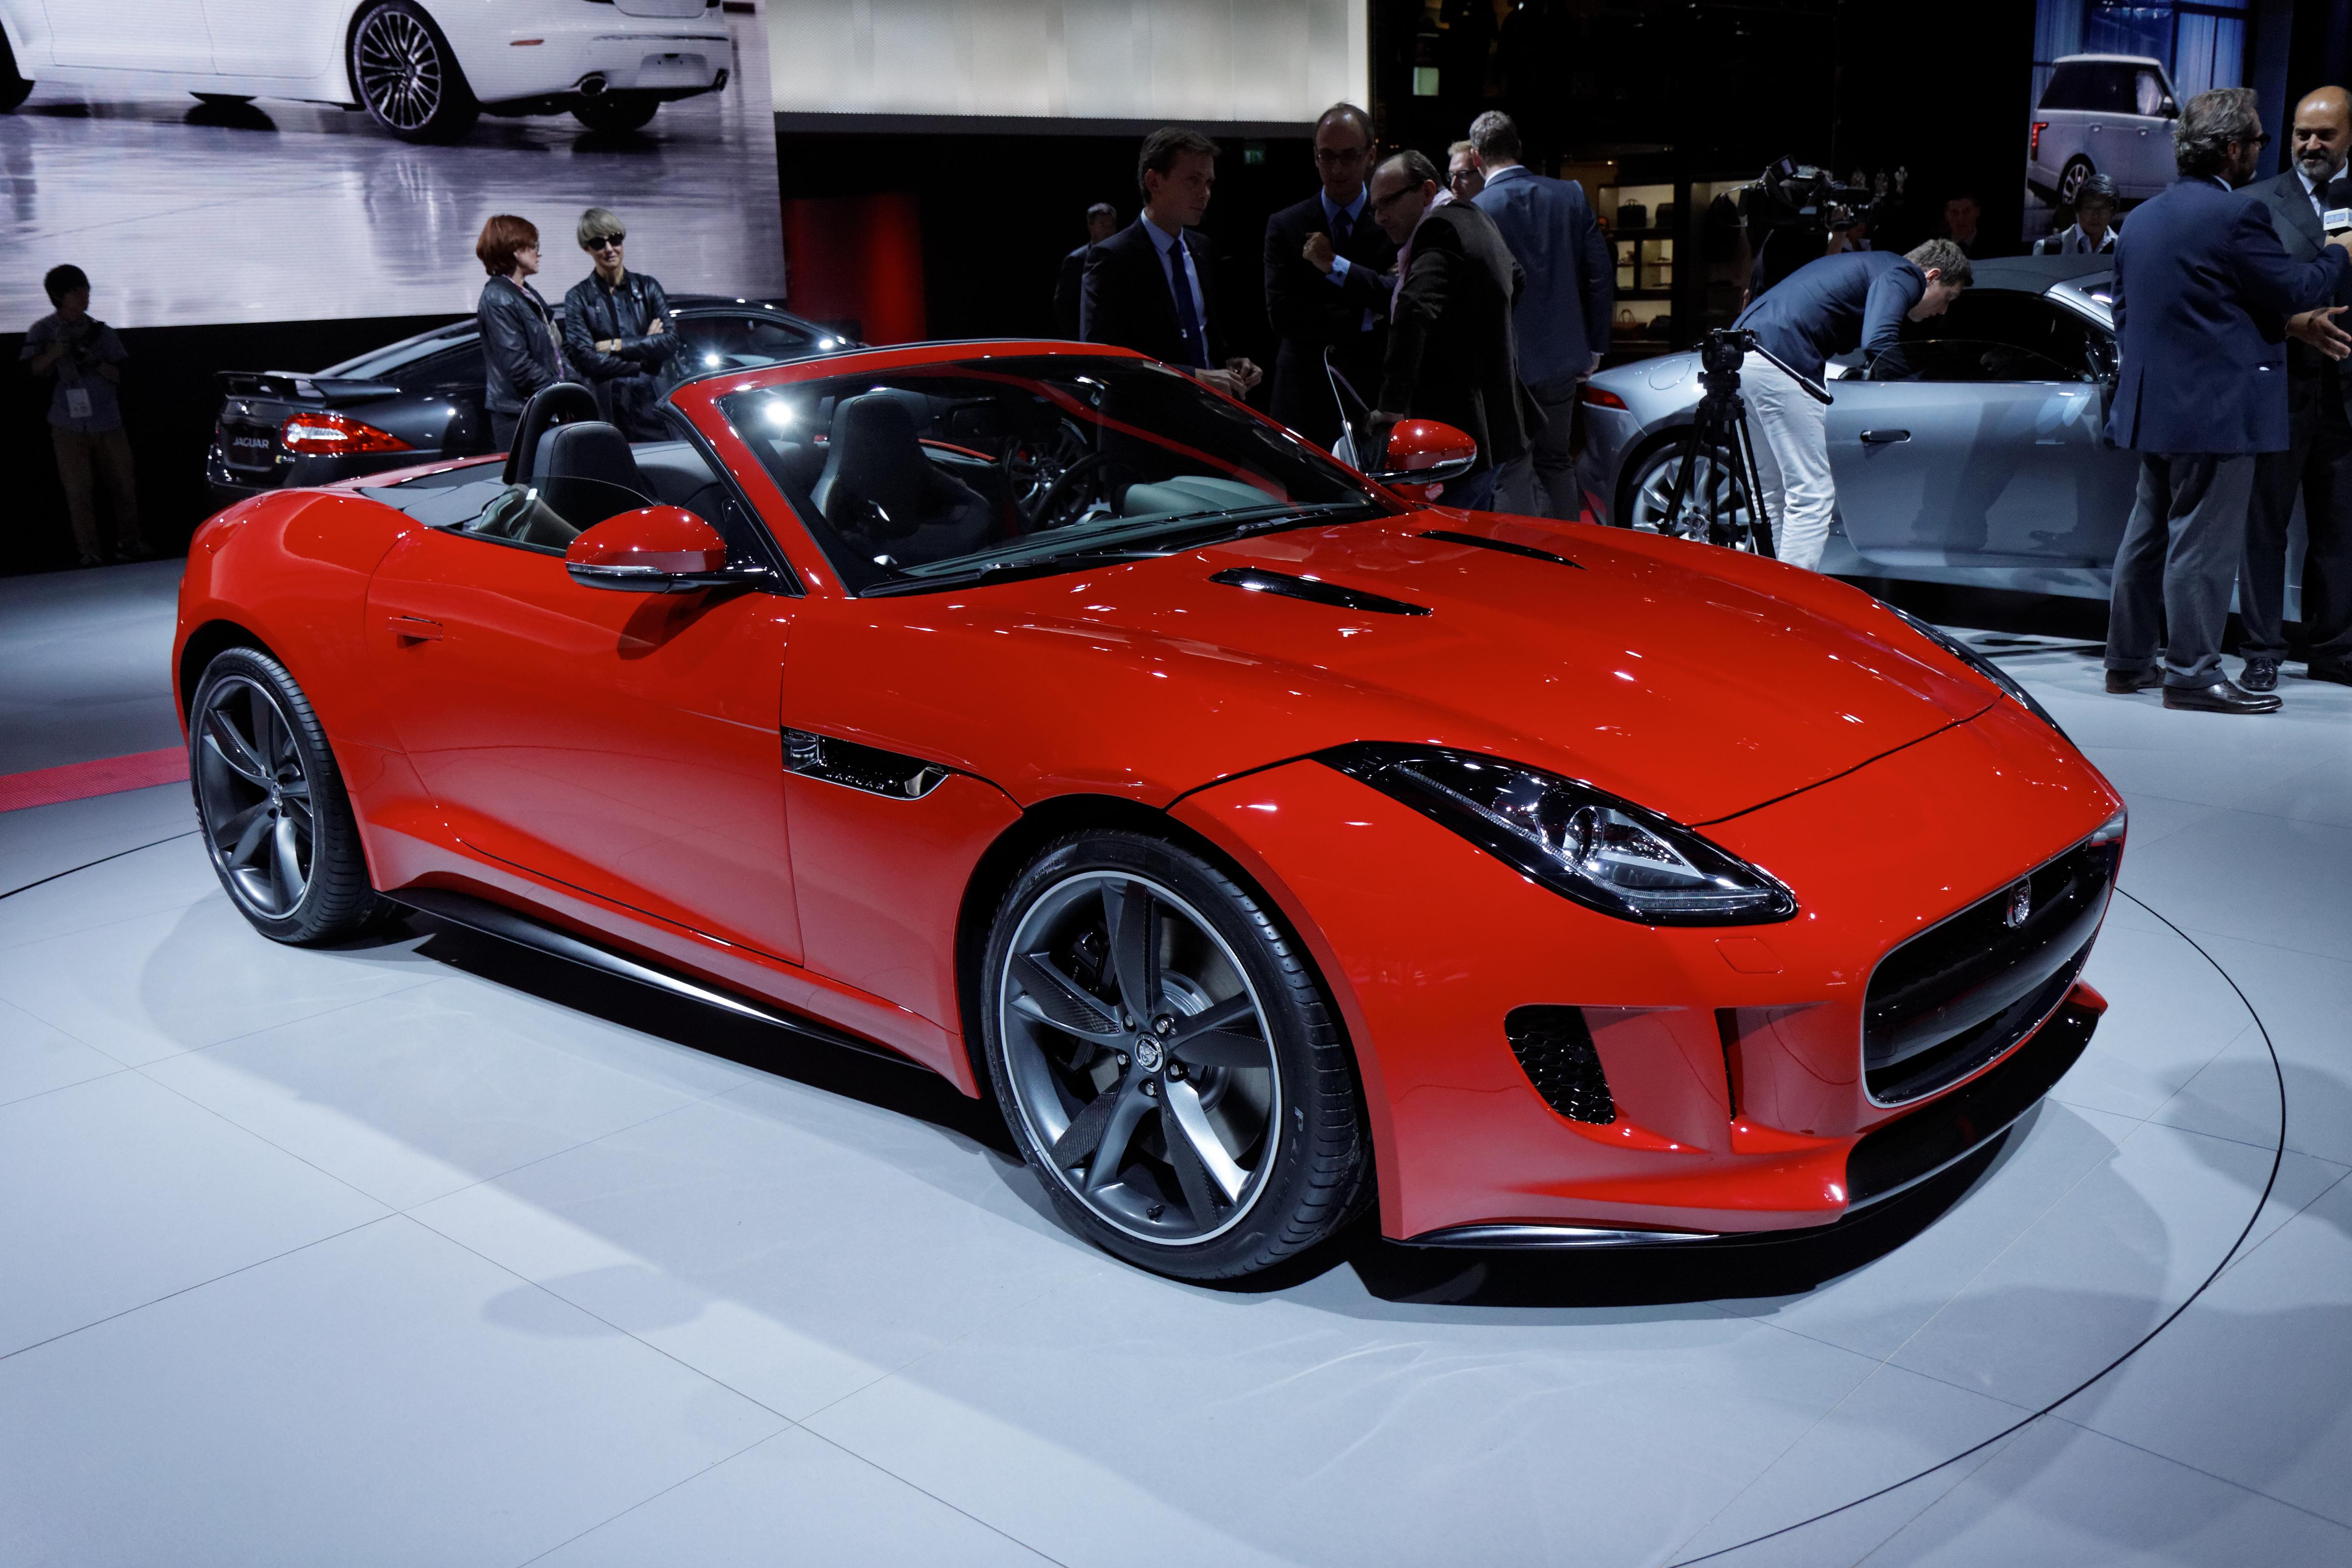 file jaguar f type mondial de l 39 automobile de paris 2012 wikimedia commons. Black Bedroom Furniture Sets. Home Design Ideas